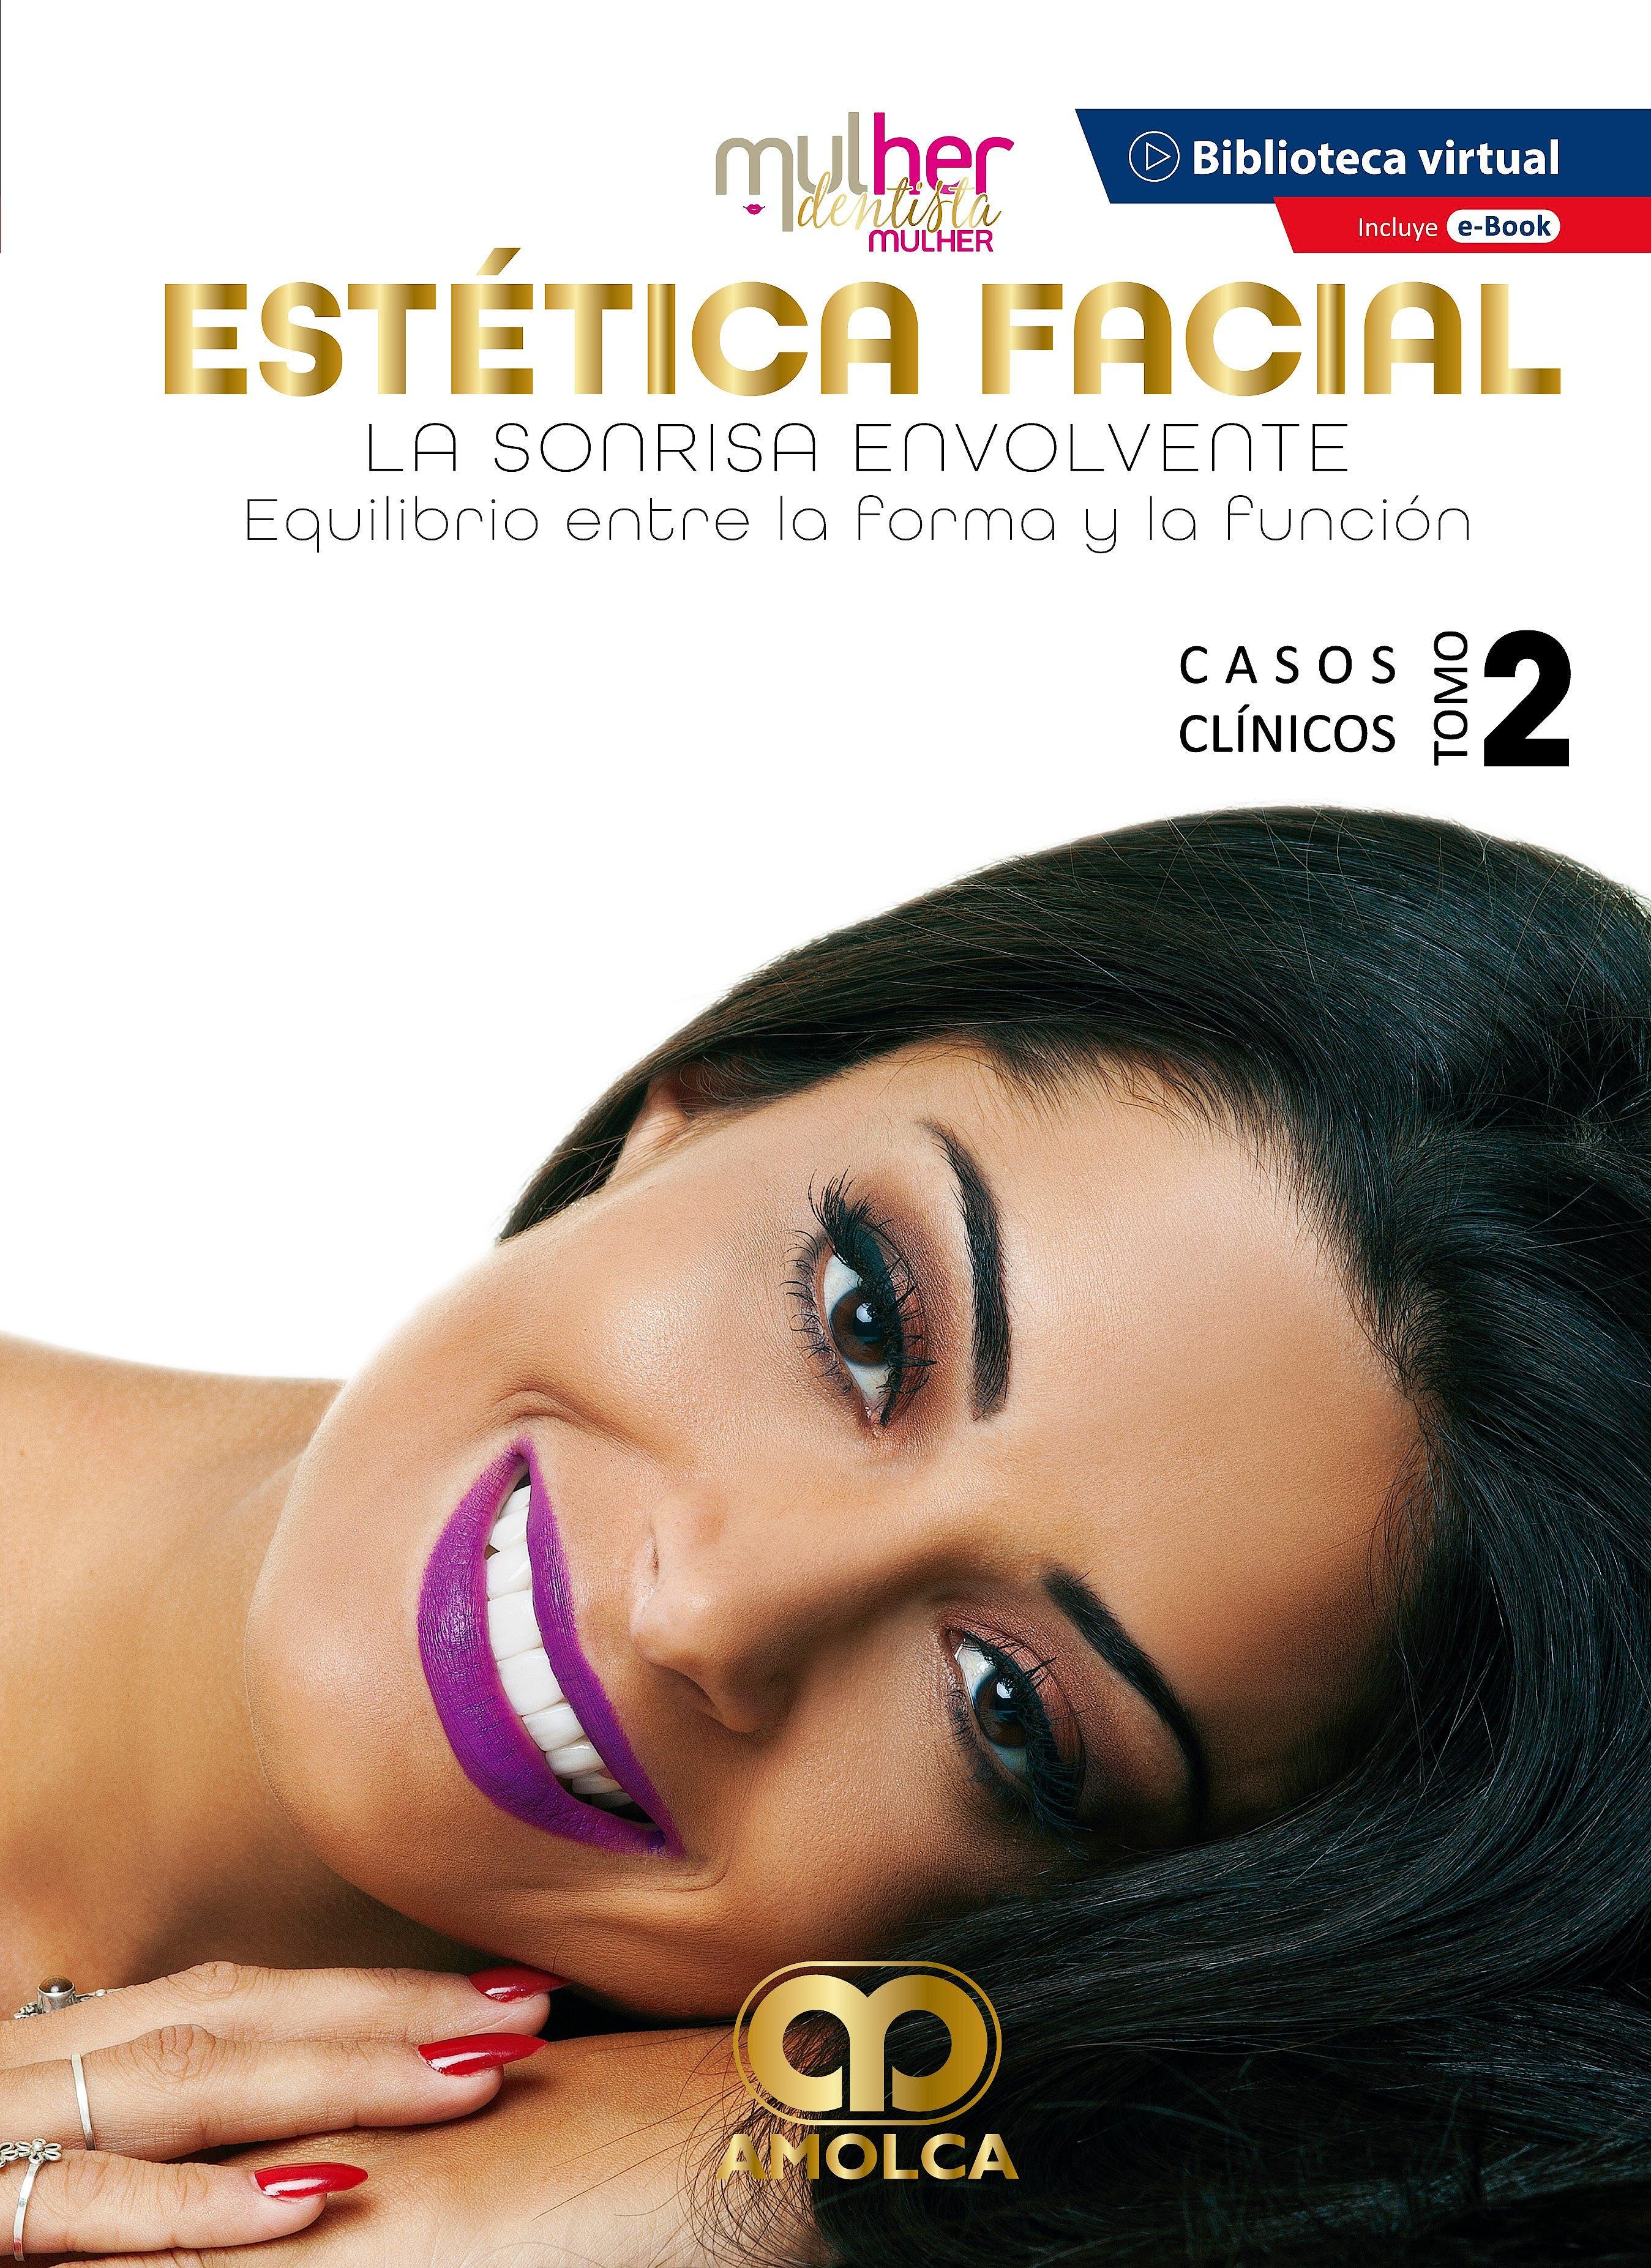 Portada del libro 9789585598270 MDM (Mulher Dentista Mulher) Estética Facial. La Sonrisa Envolvente. Equilibrio entre la Forma y la Función. Casos Clínicos, Tomo 2 + E-Book